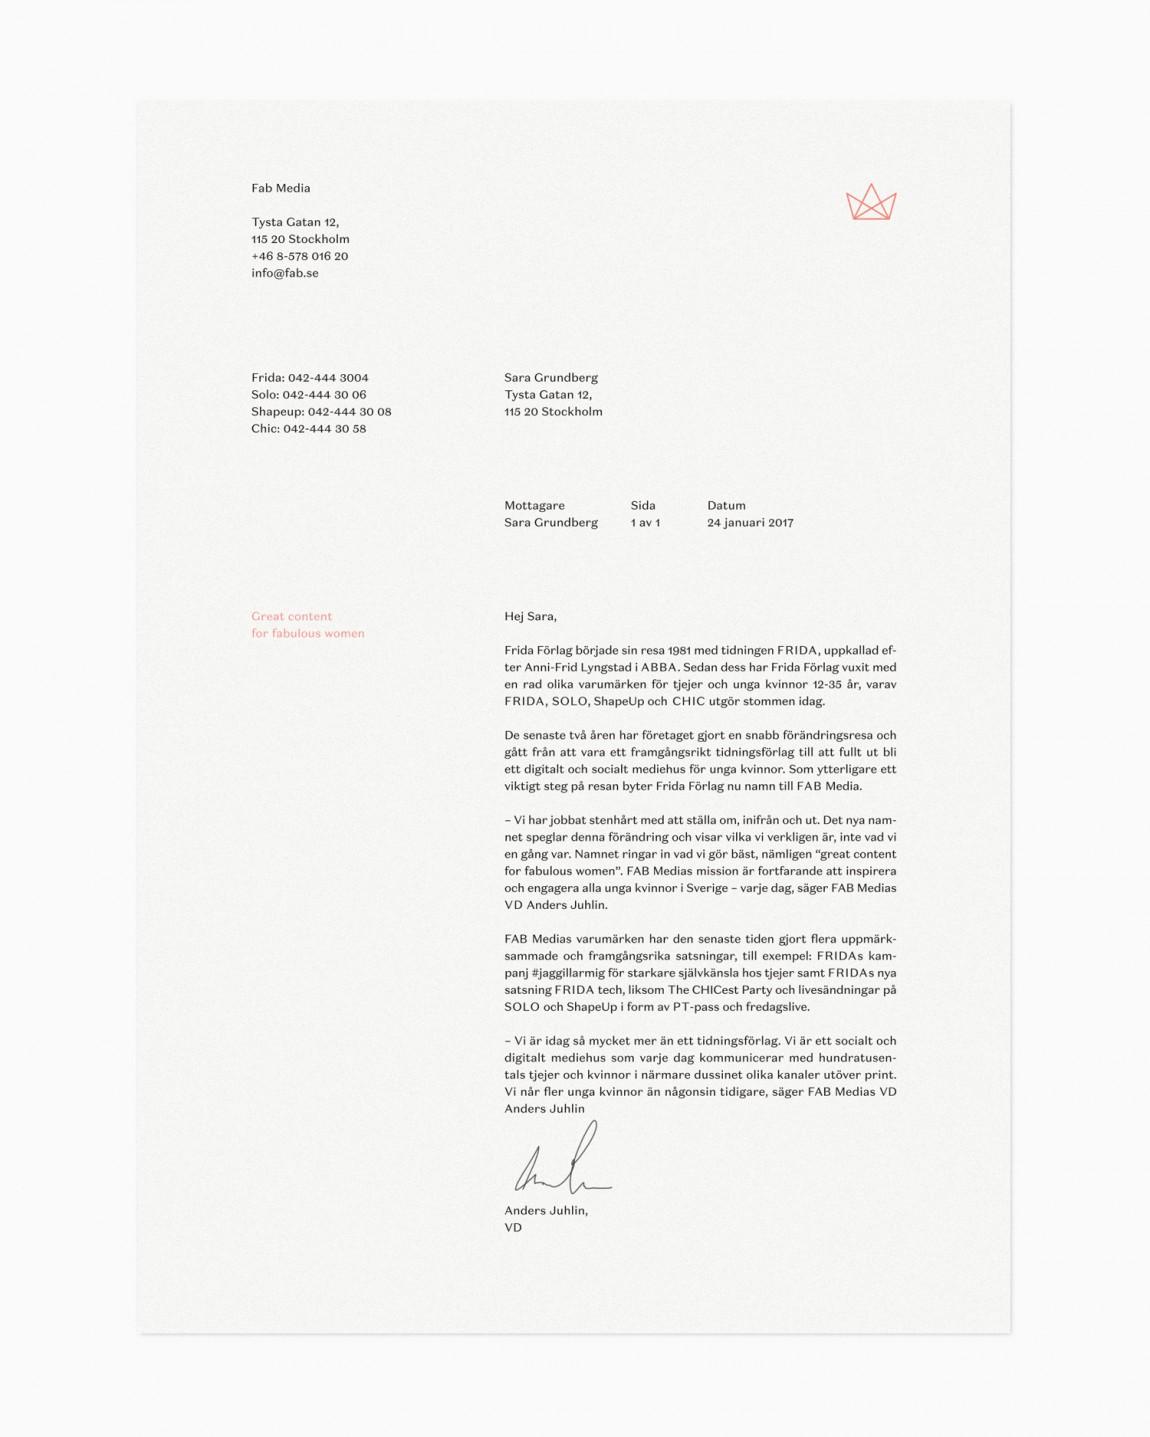 Fab Media瑞典媒体公司品牌升级改造,信封设计